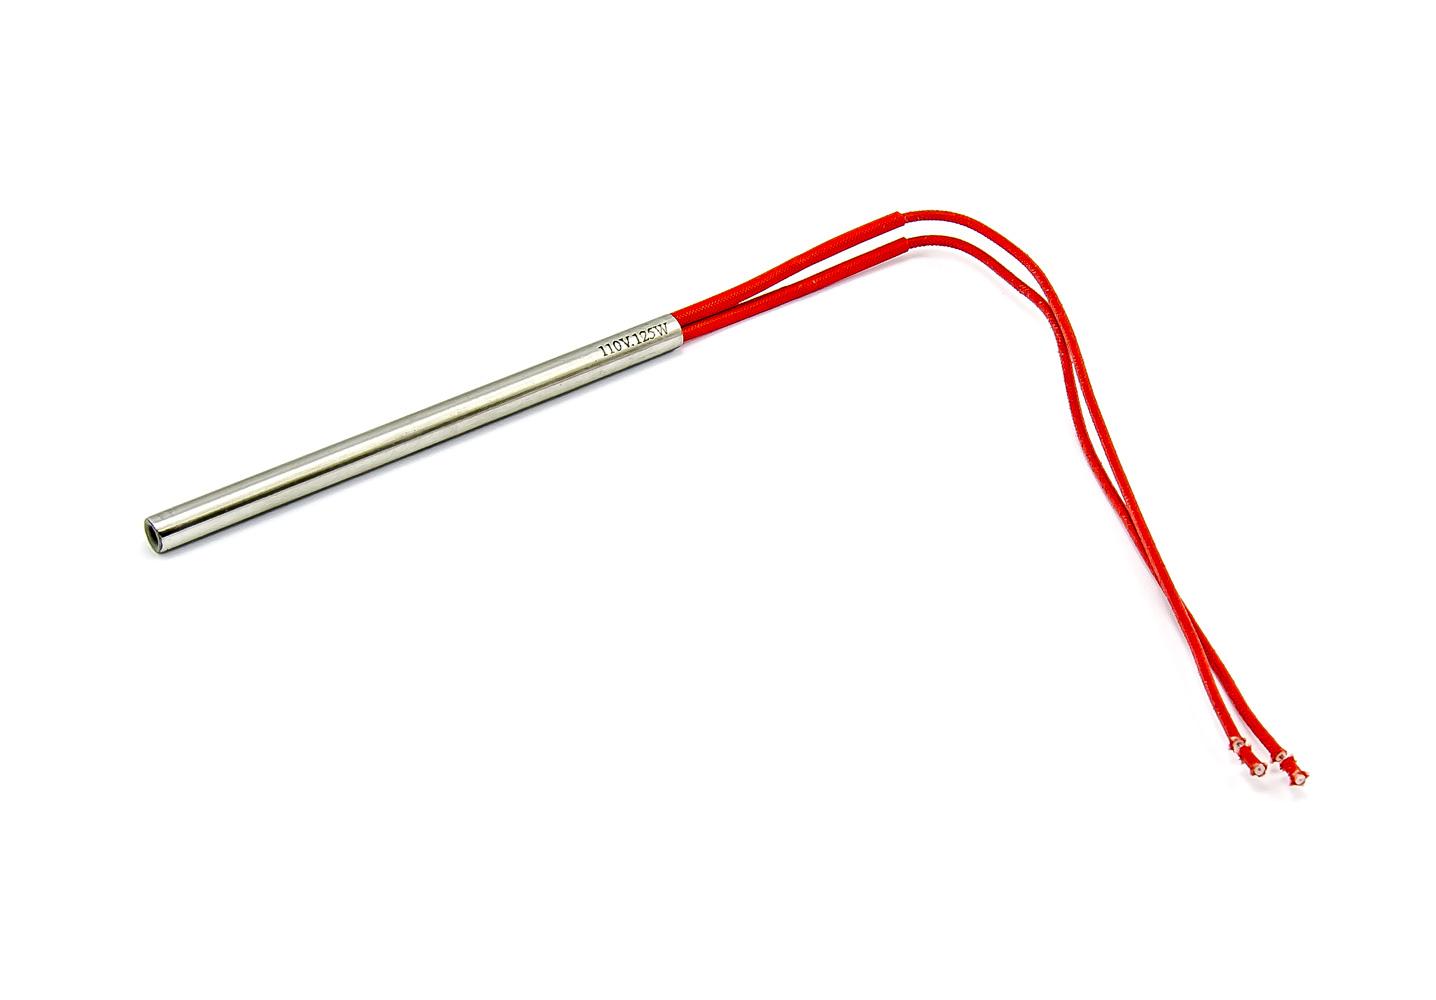 Náhradní topný element ke klešťové svářečce FKR-300 125W